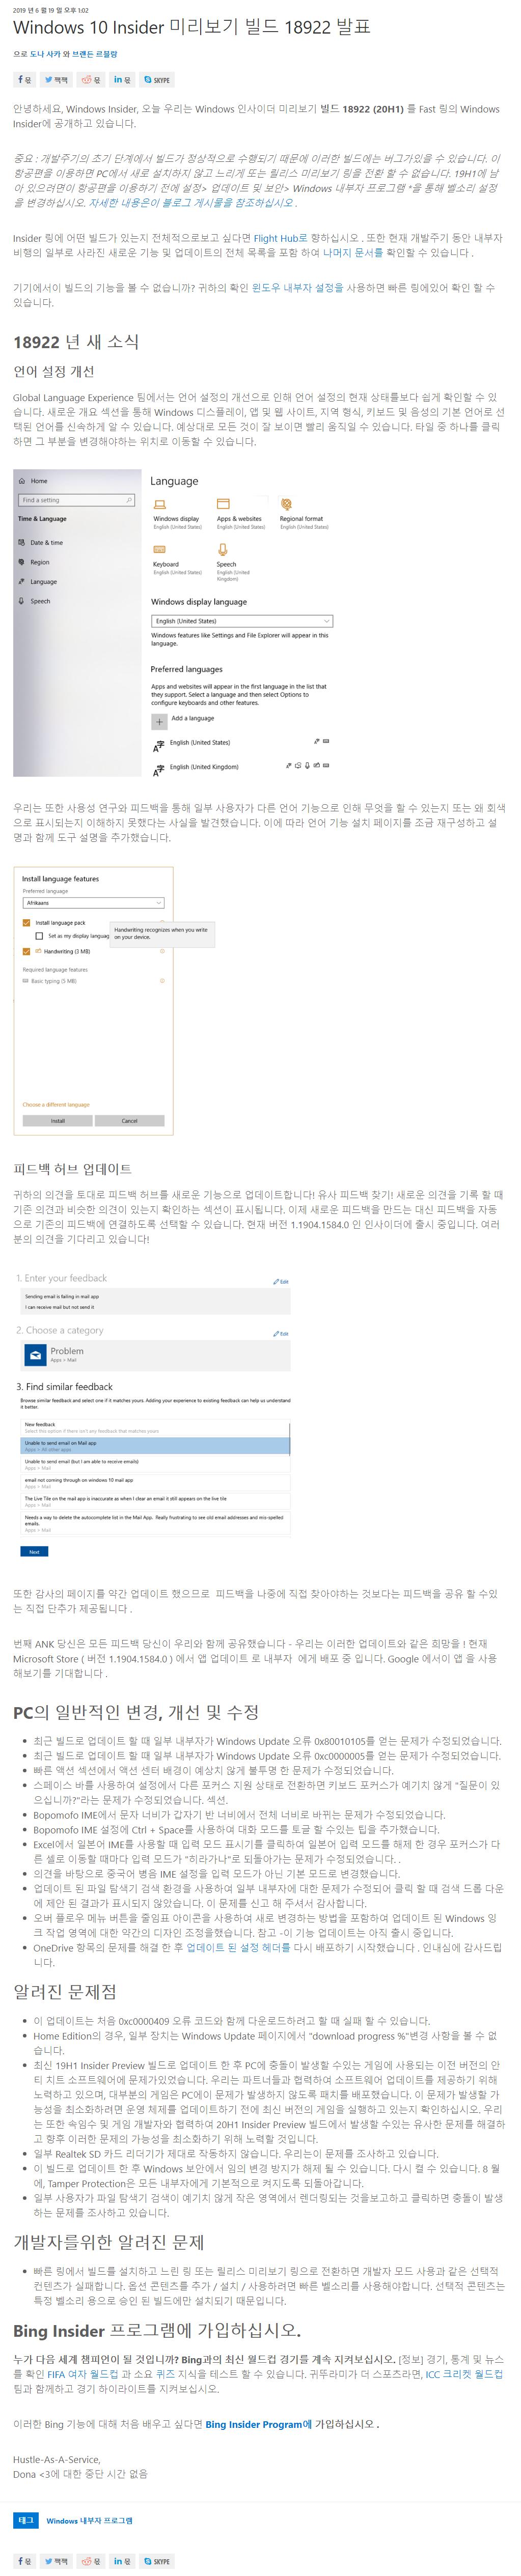 윈도10 20H1 인사이더 프리뷰 18922.1000 빌드 나왔네요 -  ms 블로그 - 크롬 번역 2019-06-20_070440.png